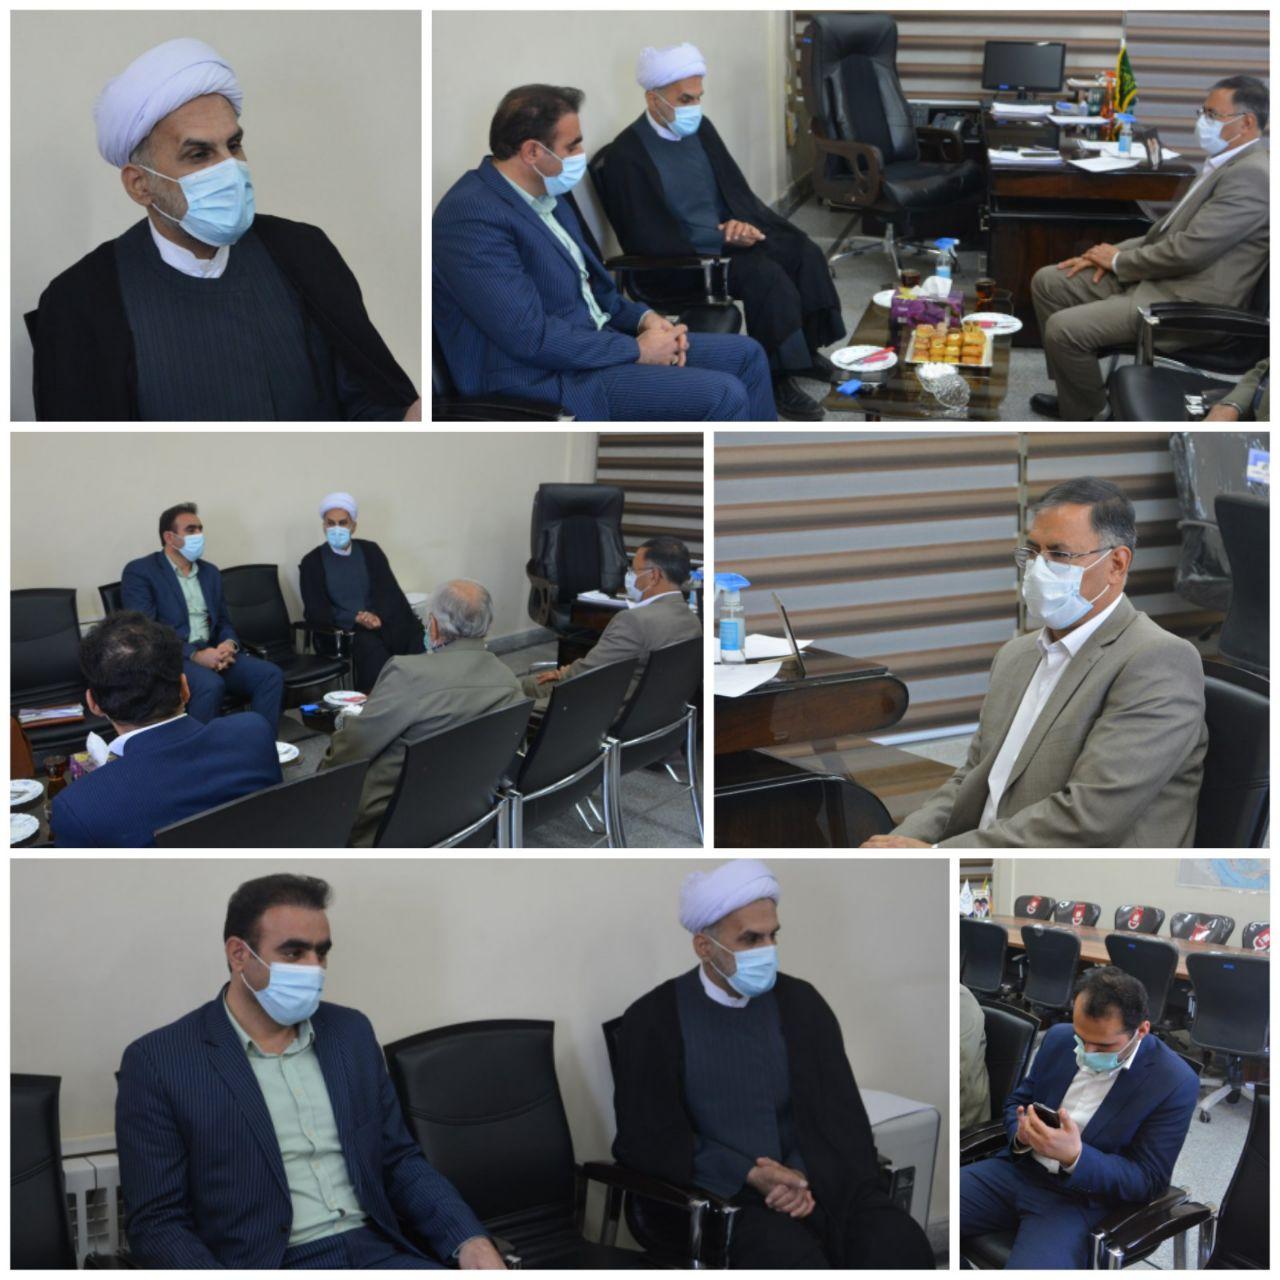 نماینده مردم کوهدشت و رومشکان در مجلس شورای اسلامی در دیدار با ریاست دادگستری و دادستان کوهدشت مطرح کرد: